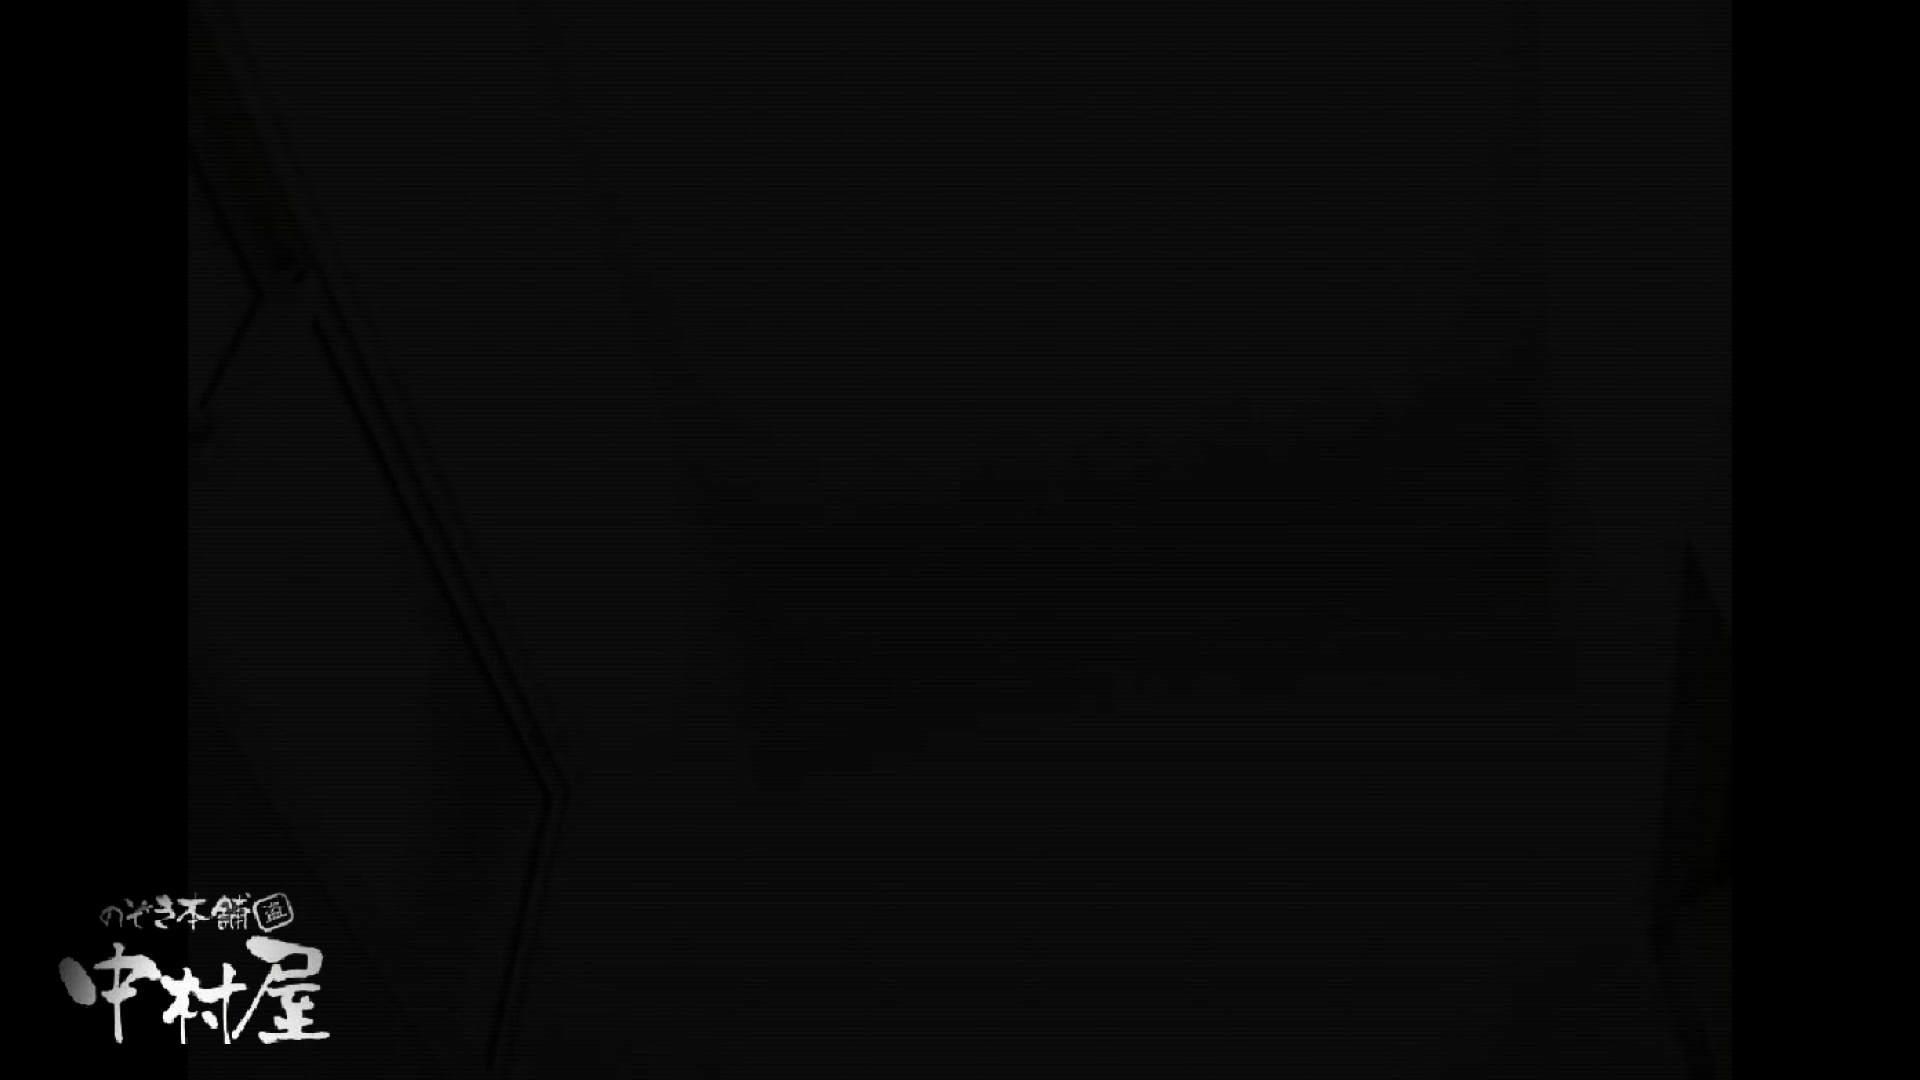 都内某大学病院編 和式イ更所盗撮 その② 3名 ギャルの放尿 すけべAV動画紹介 56連発 29